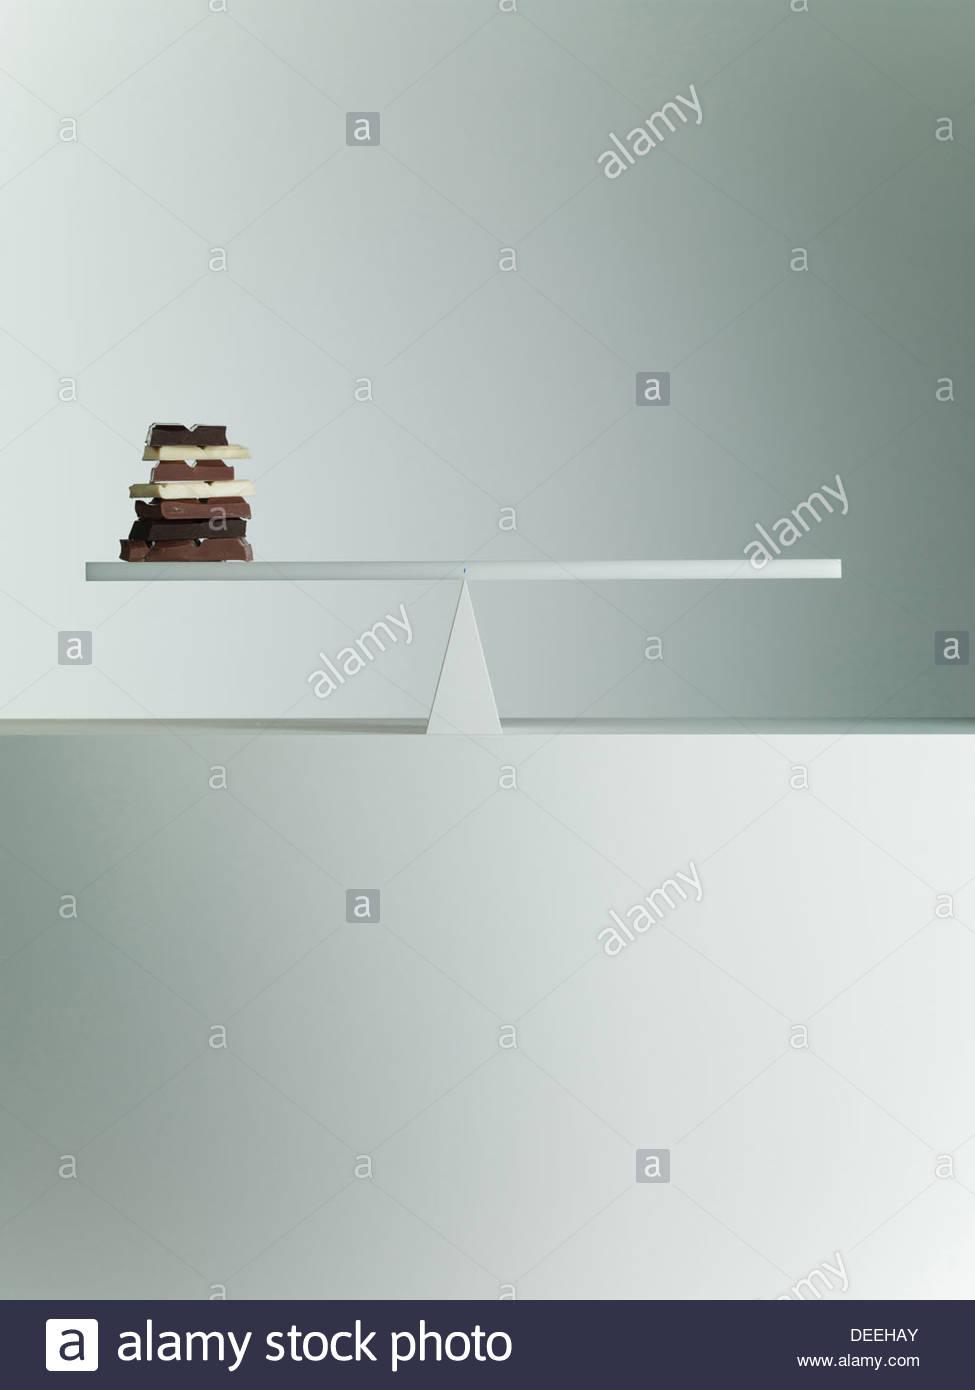 Barre di cioccolato bilanciato su altalena Immagini Stock